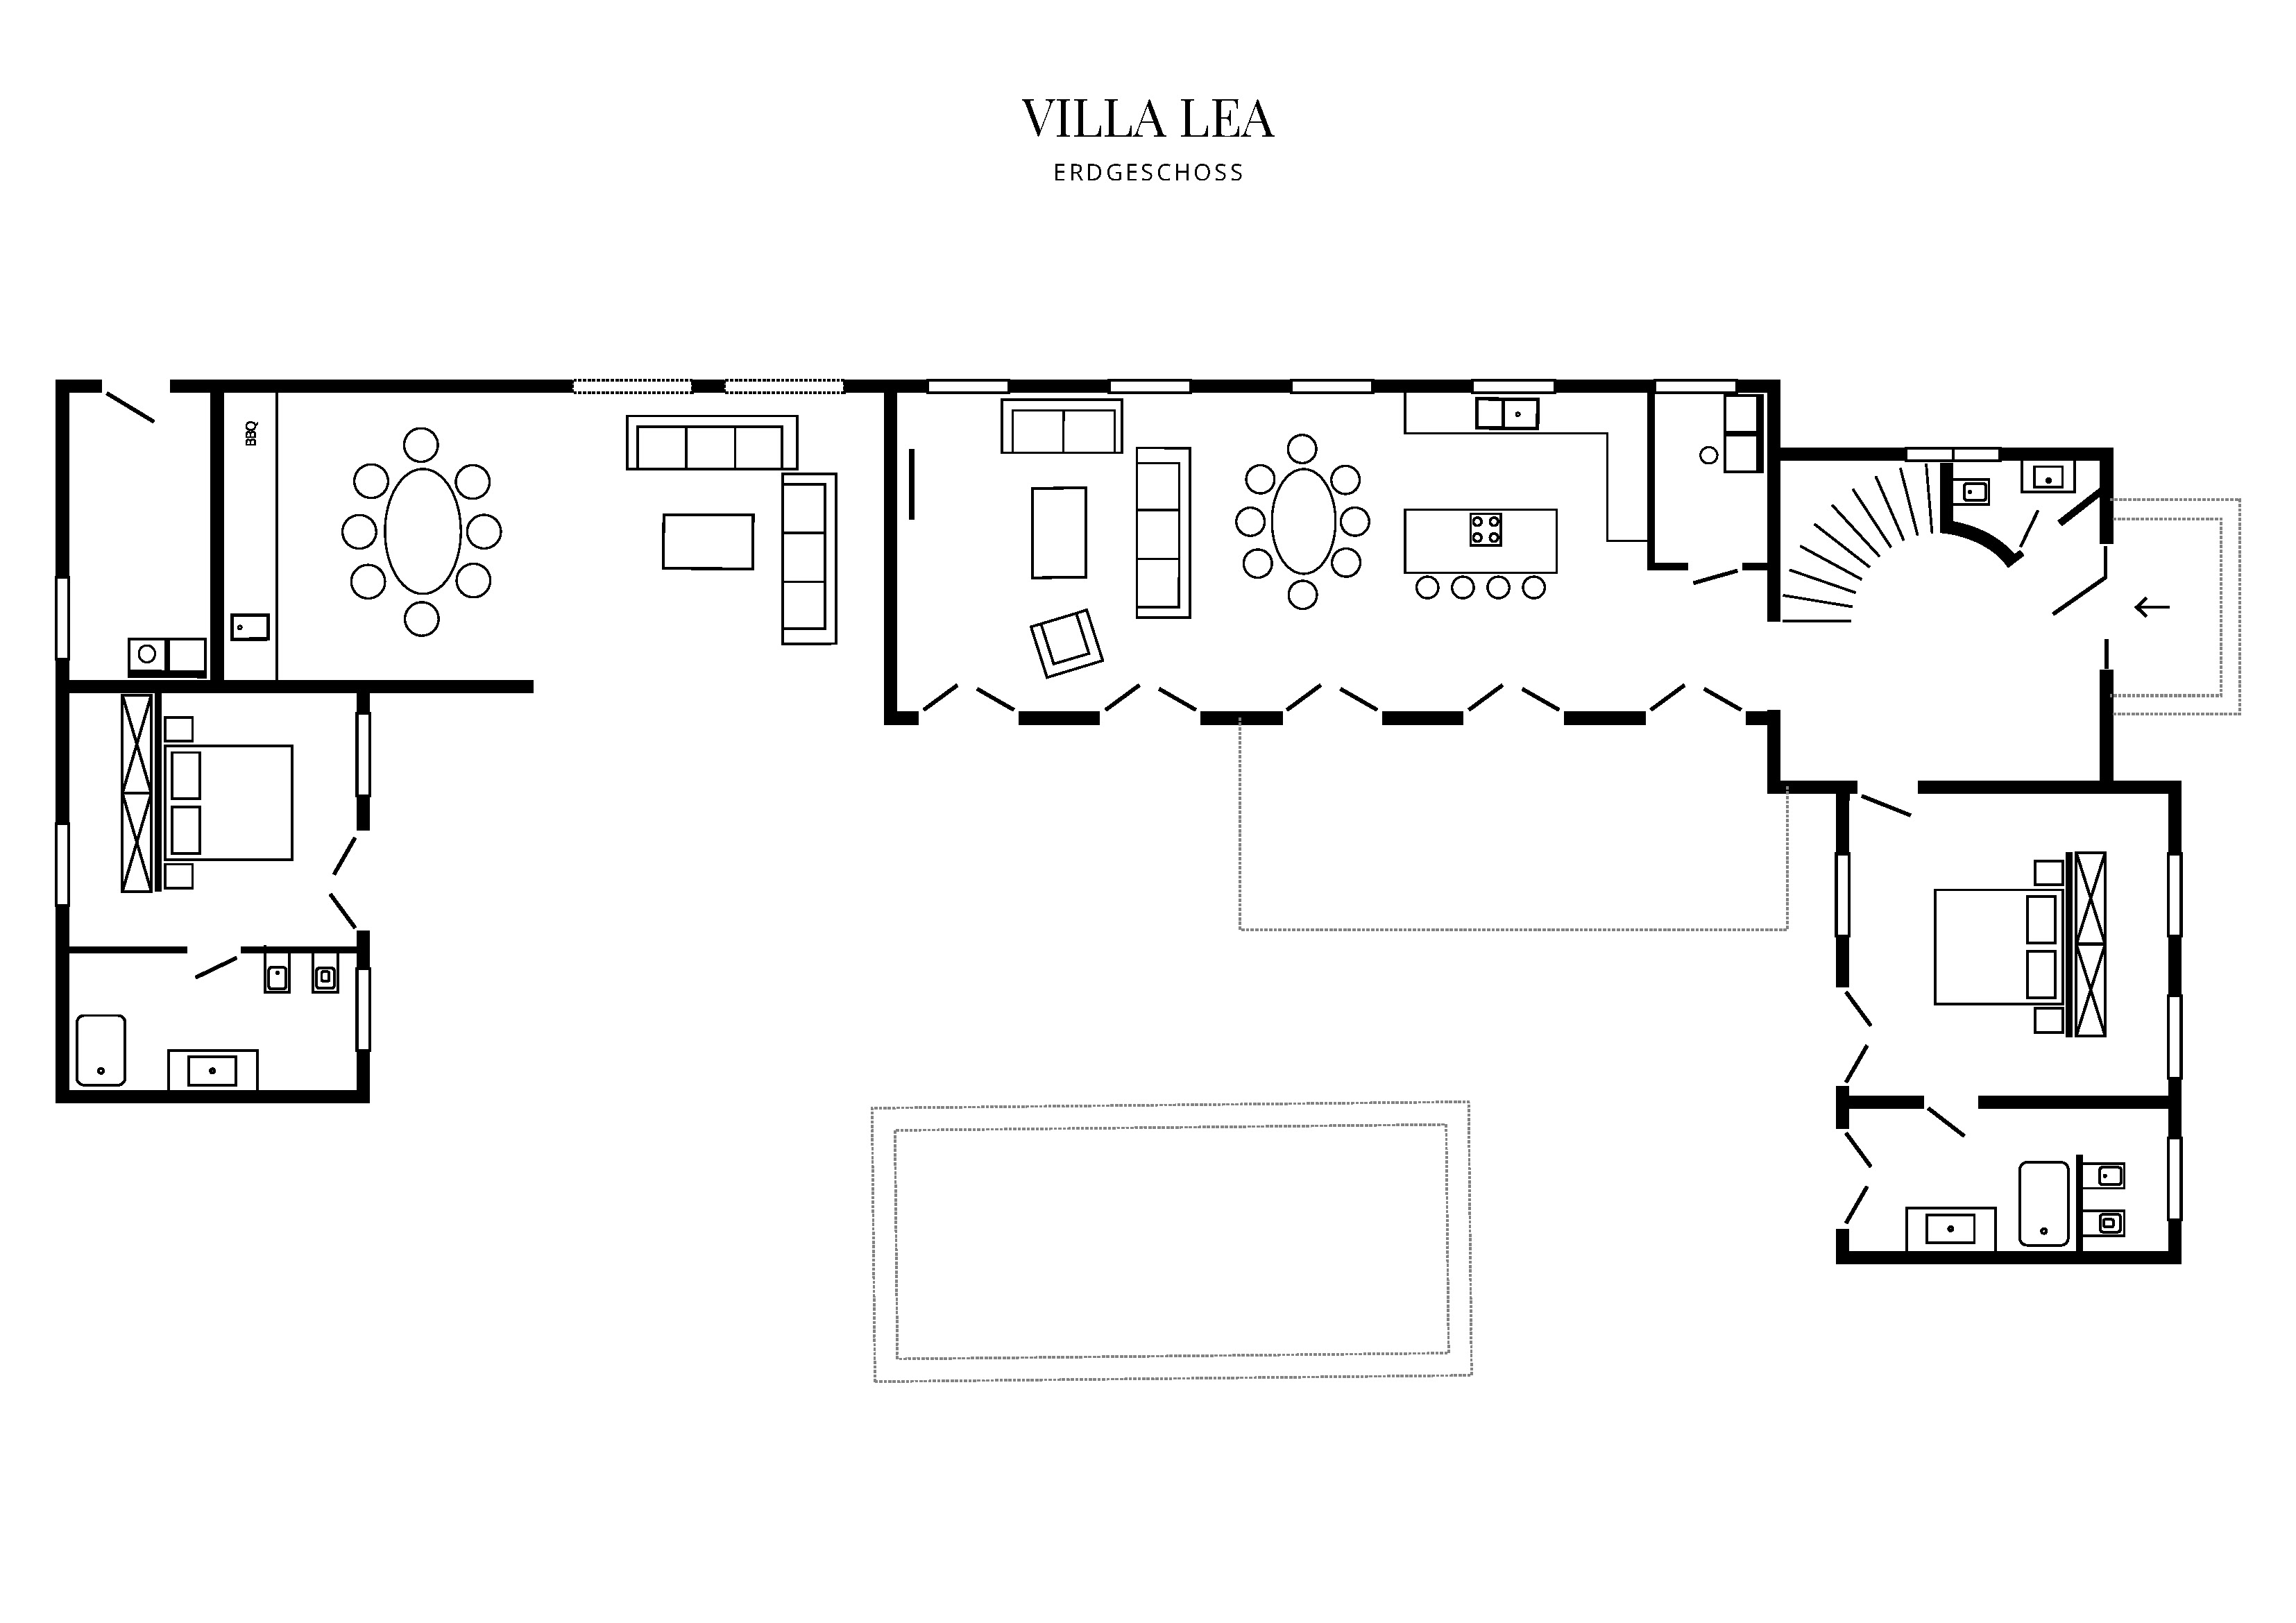 Grafik Grundriss Erdgeschoss Villa Lea